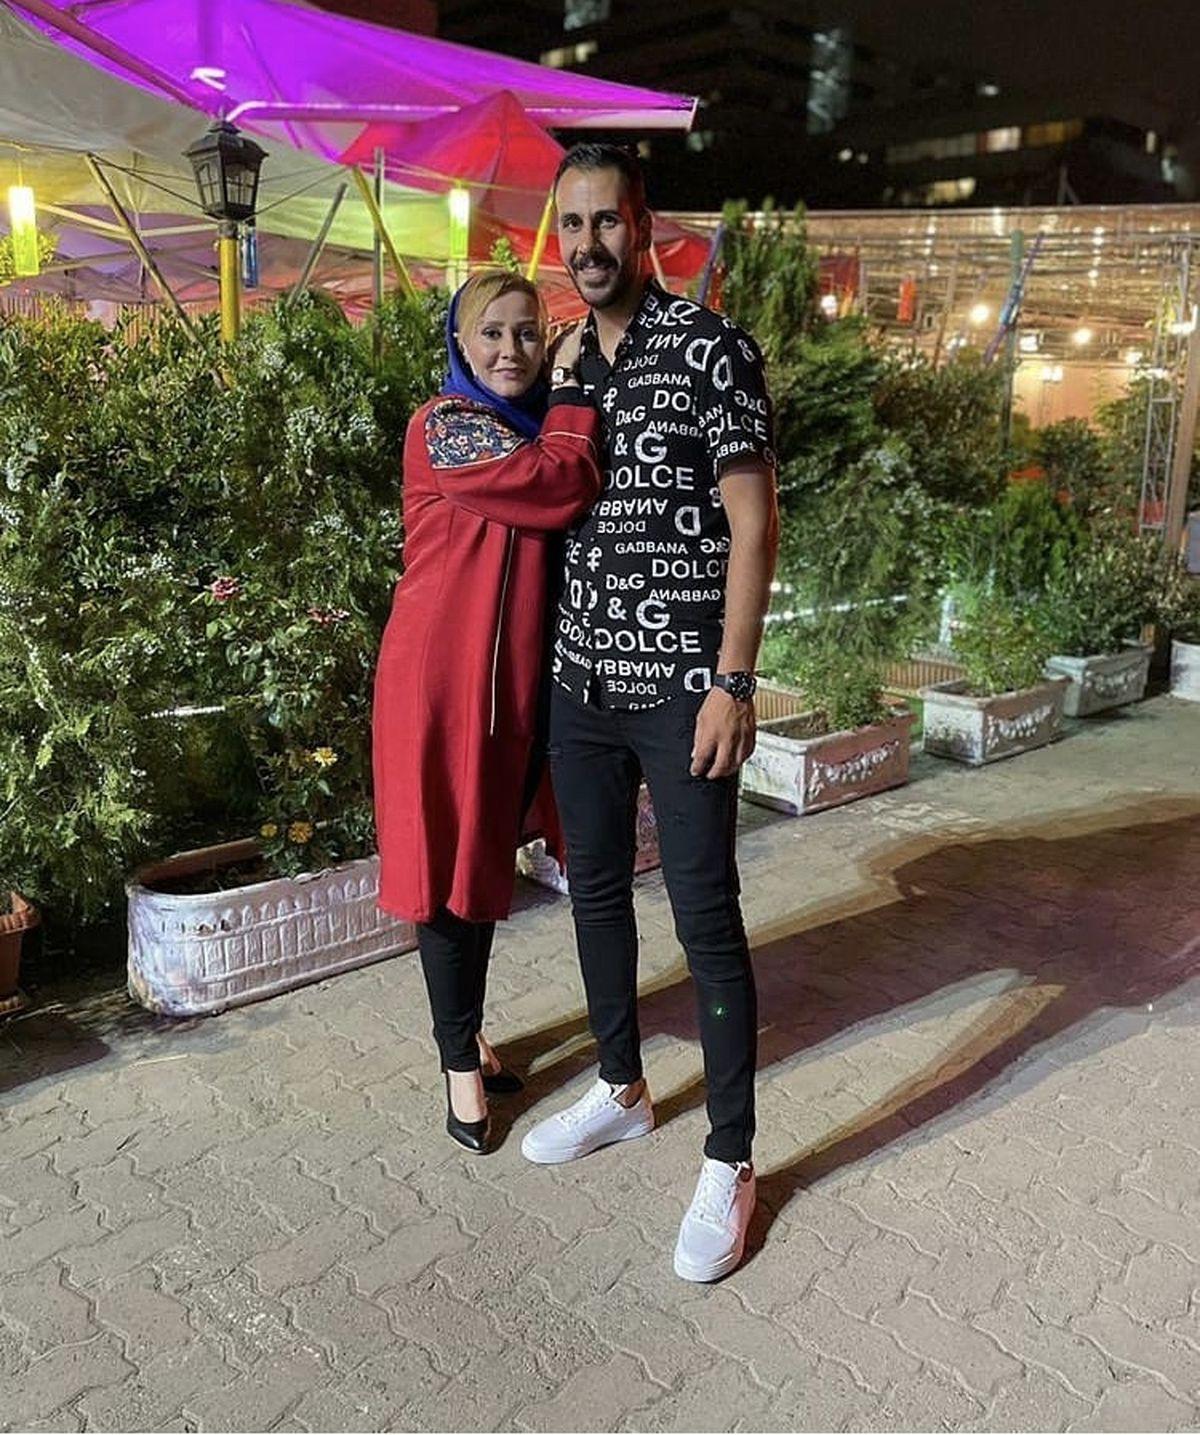 شیوا خسرومهر در کنار برادرش + عکس